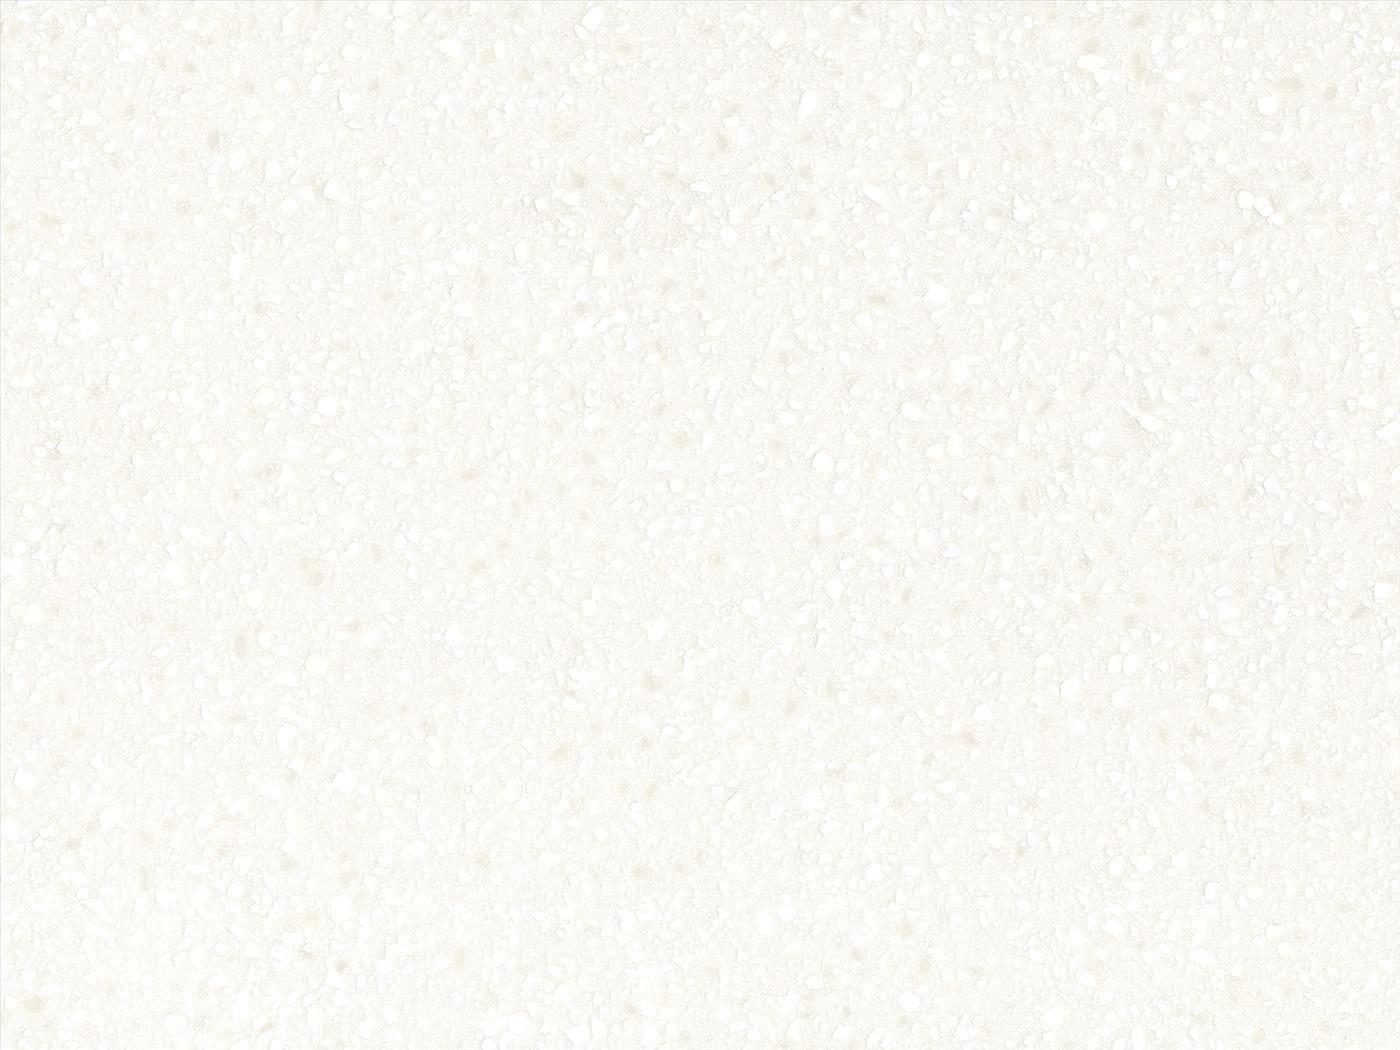 קוריאן corian antartica